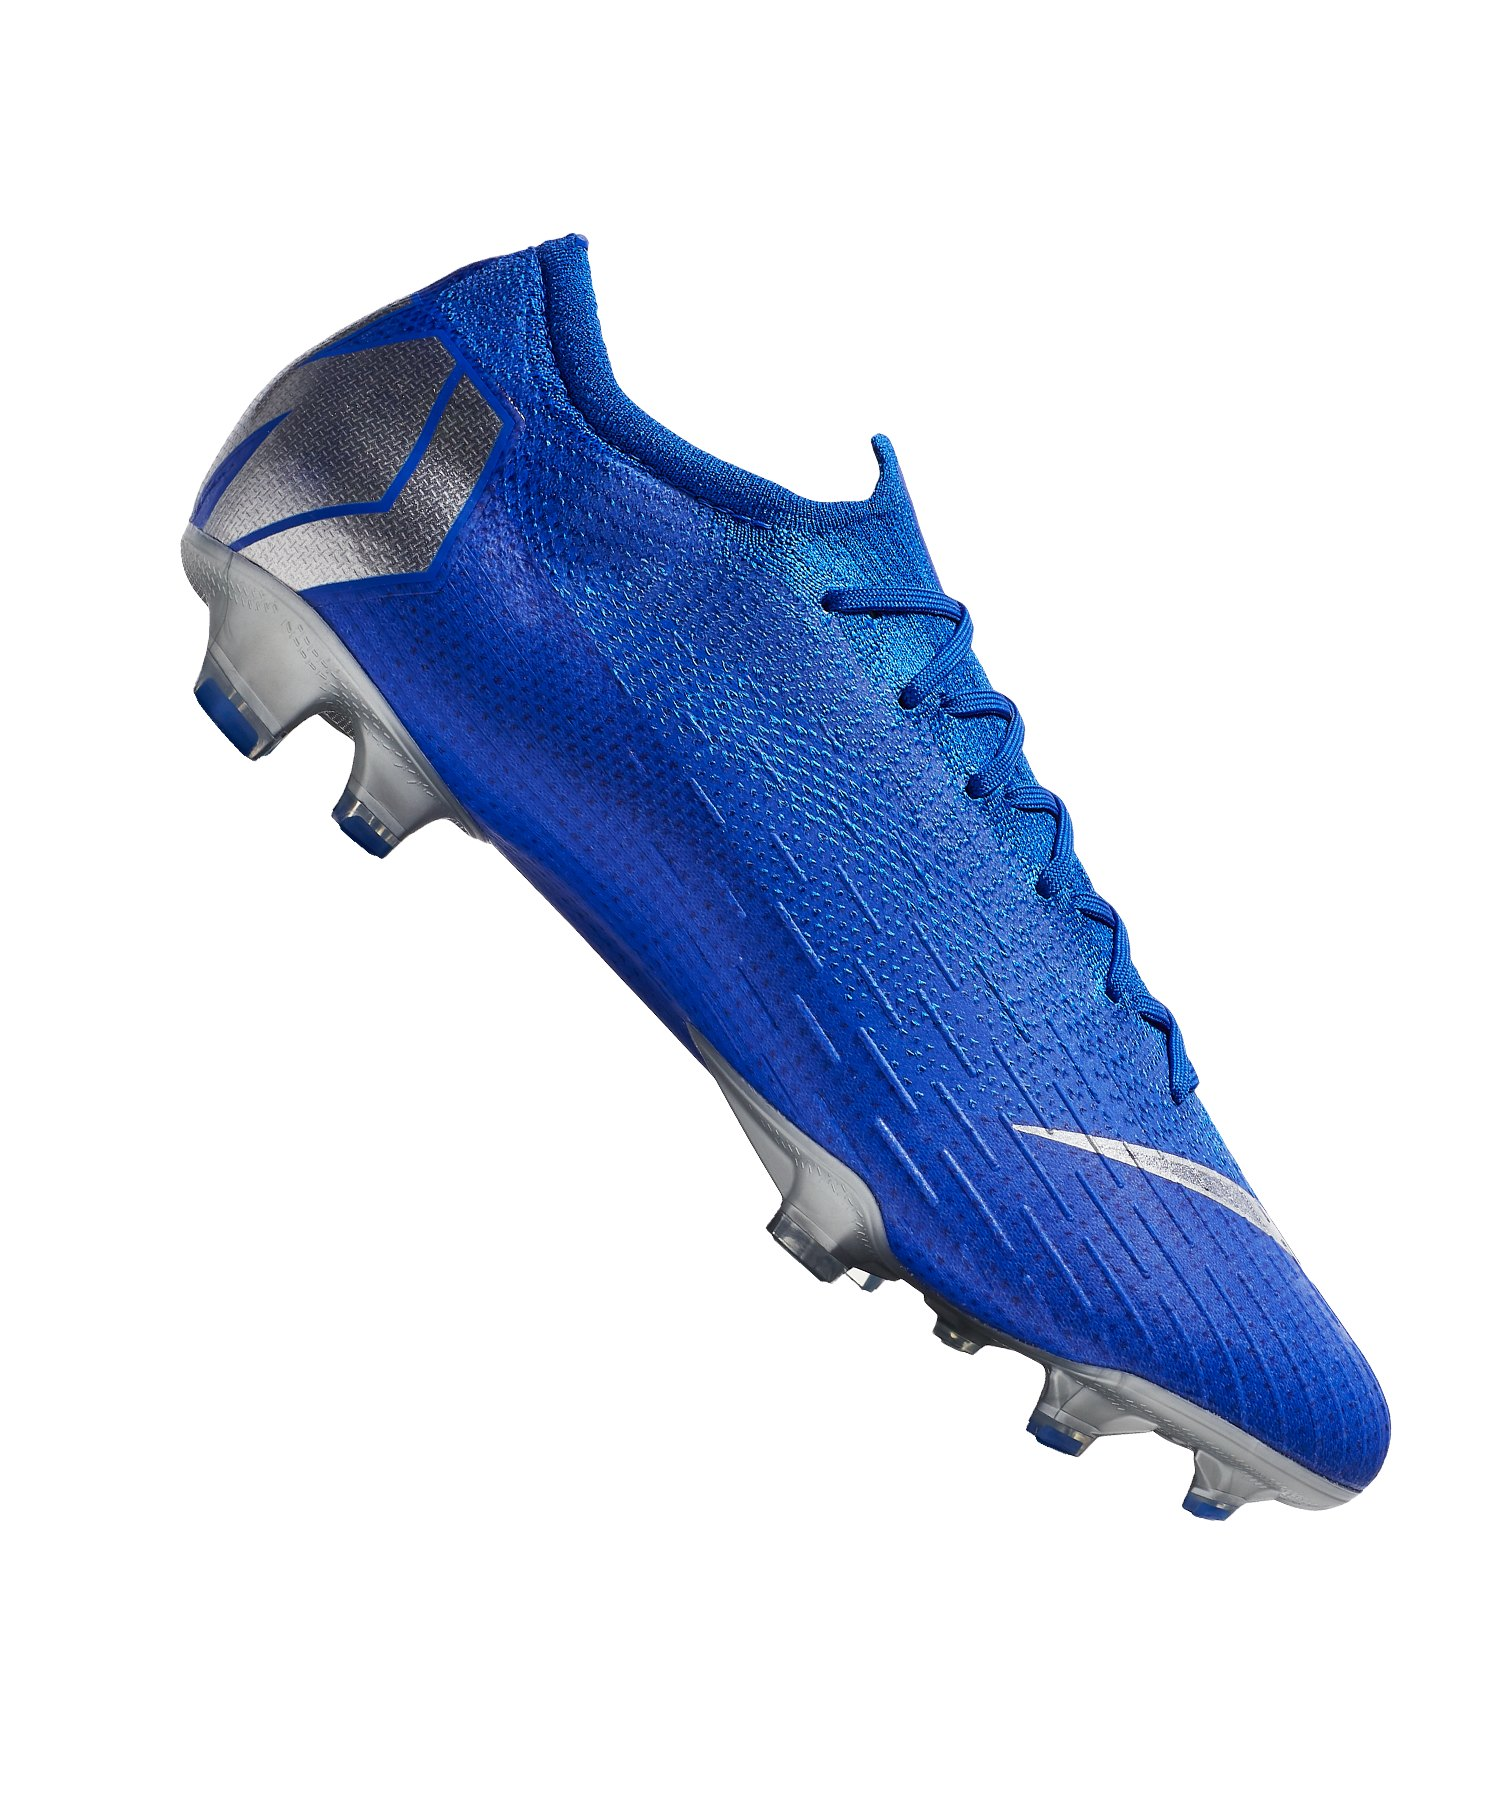 Neymar Schuhe die top Fußballschuhe des Superstars